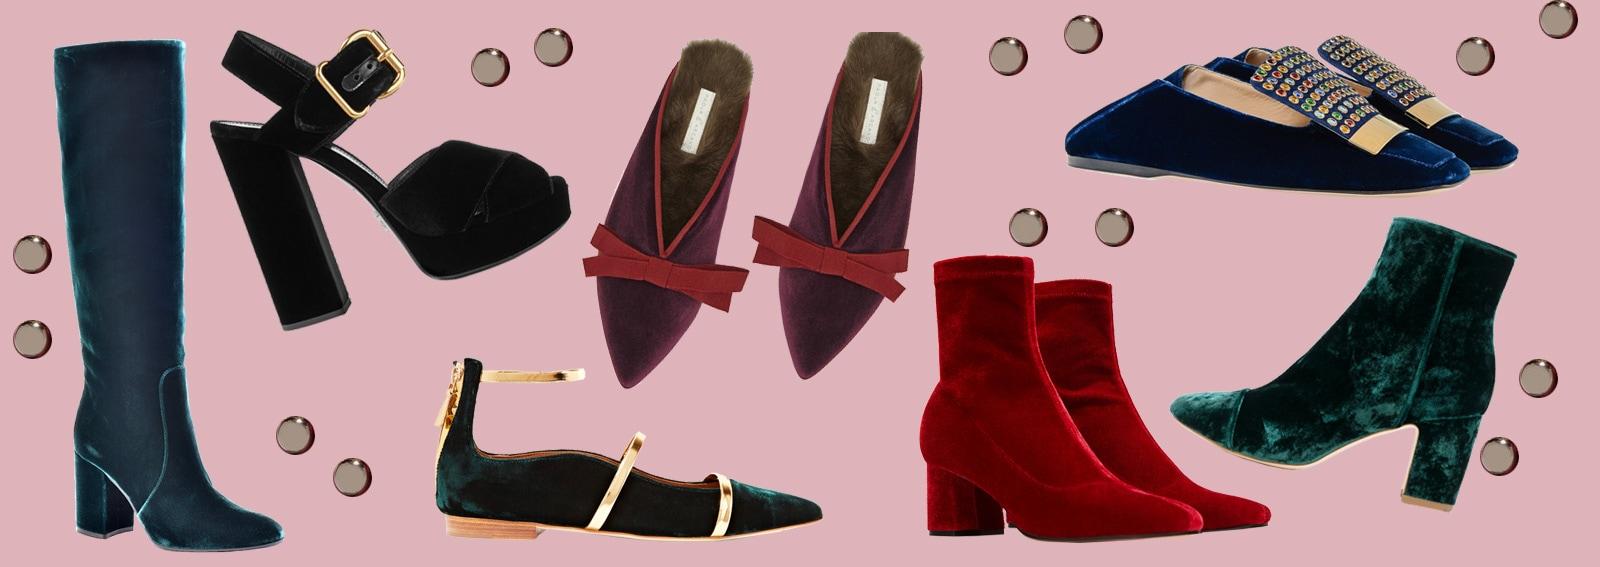 DESKTOP_velvet_shoes